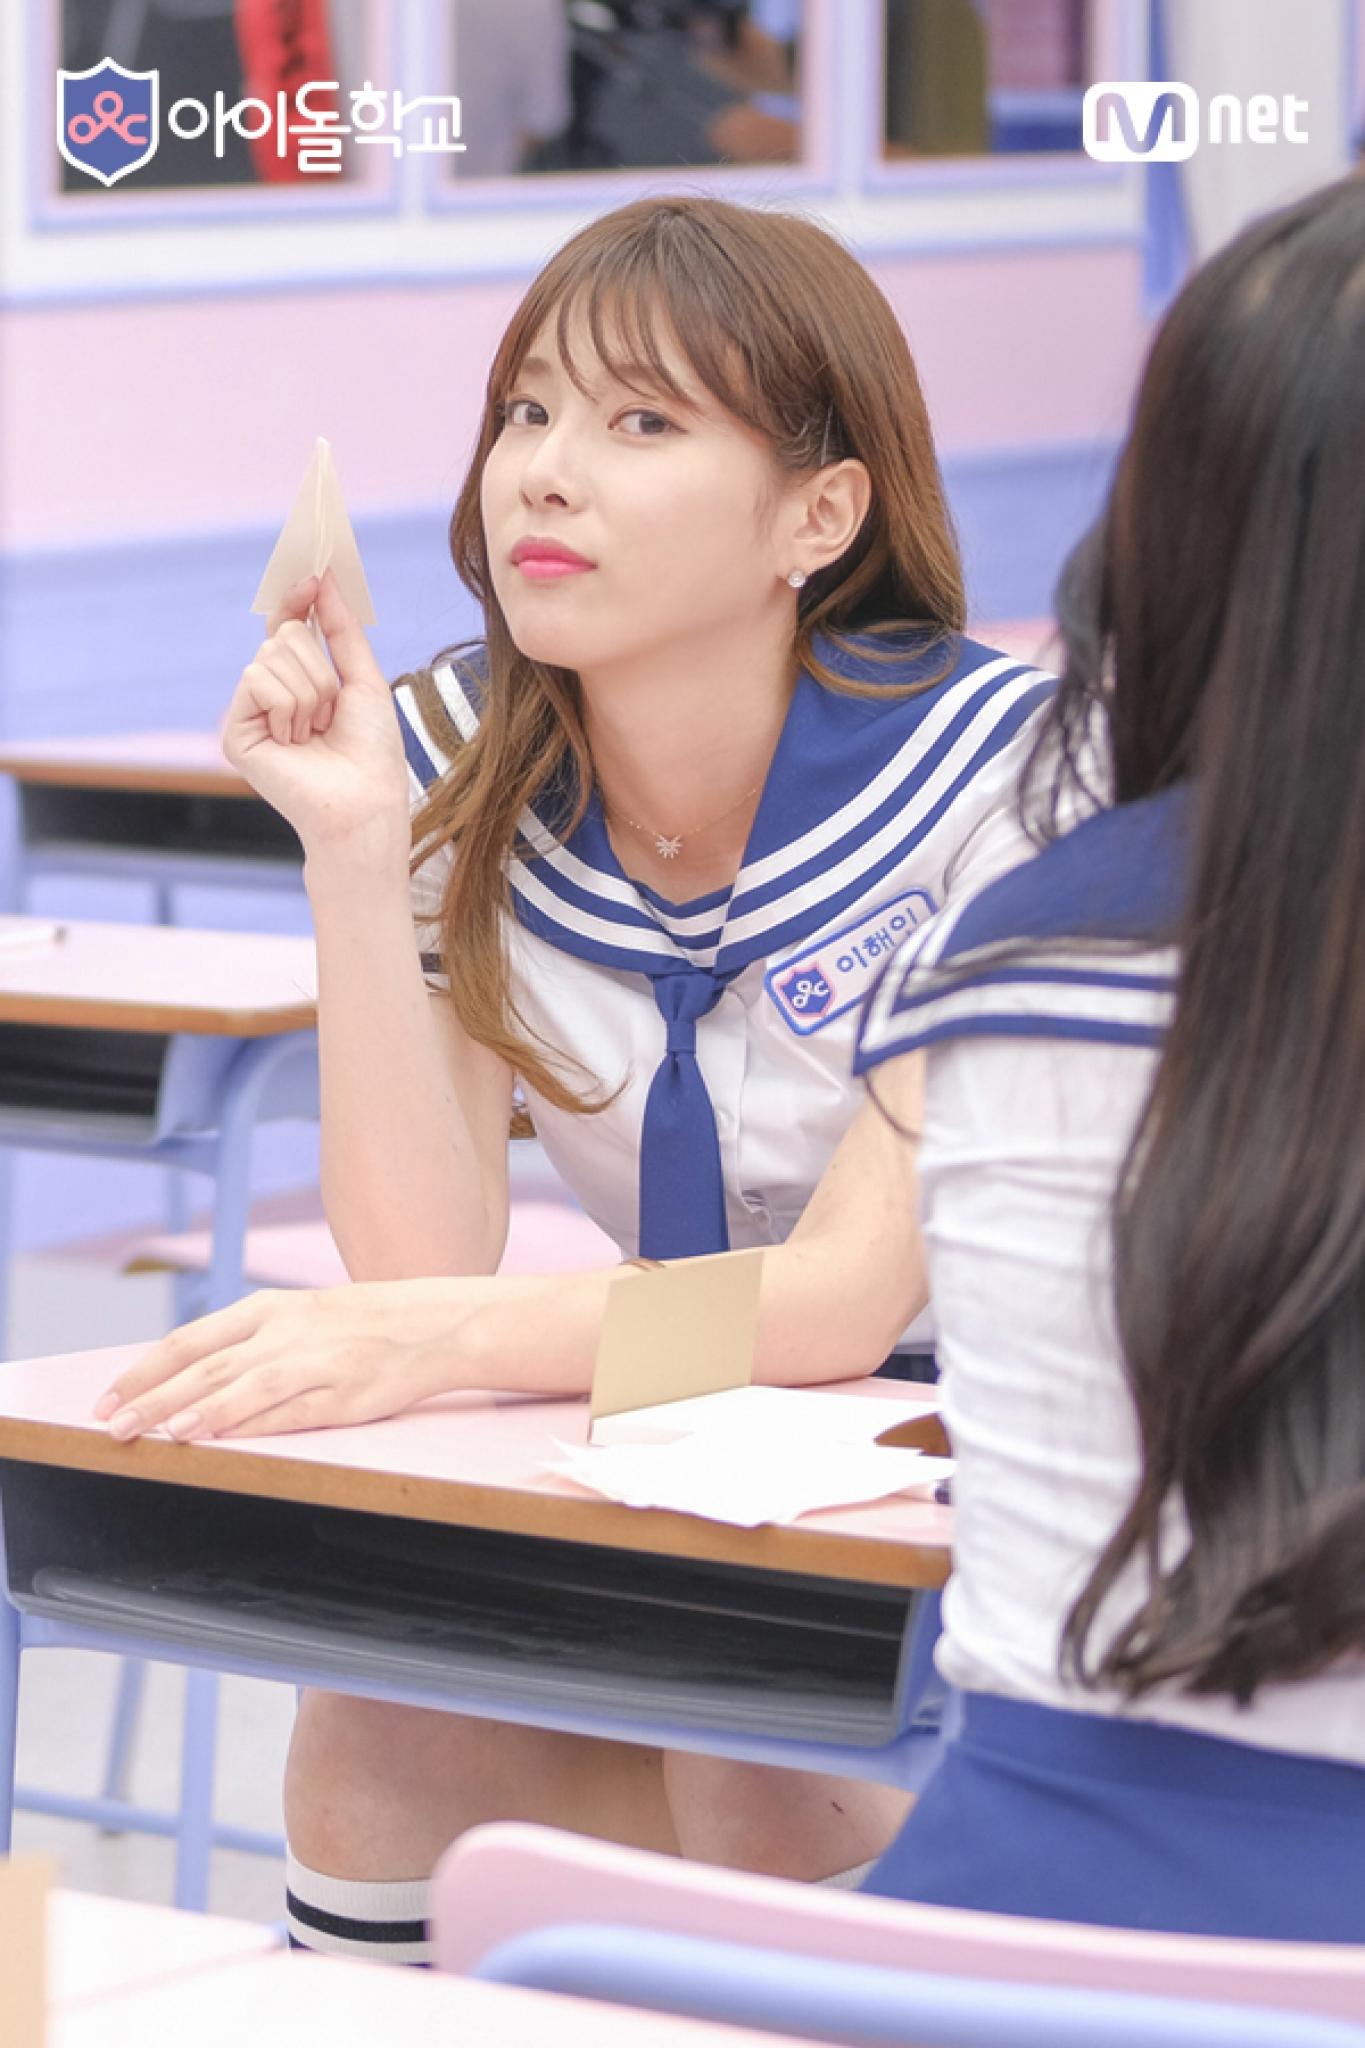 """'아이돌학교' 이해인 1위 """"좋은 꿈, 다시 도전하고 싶다"""""""